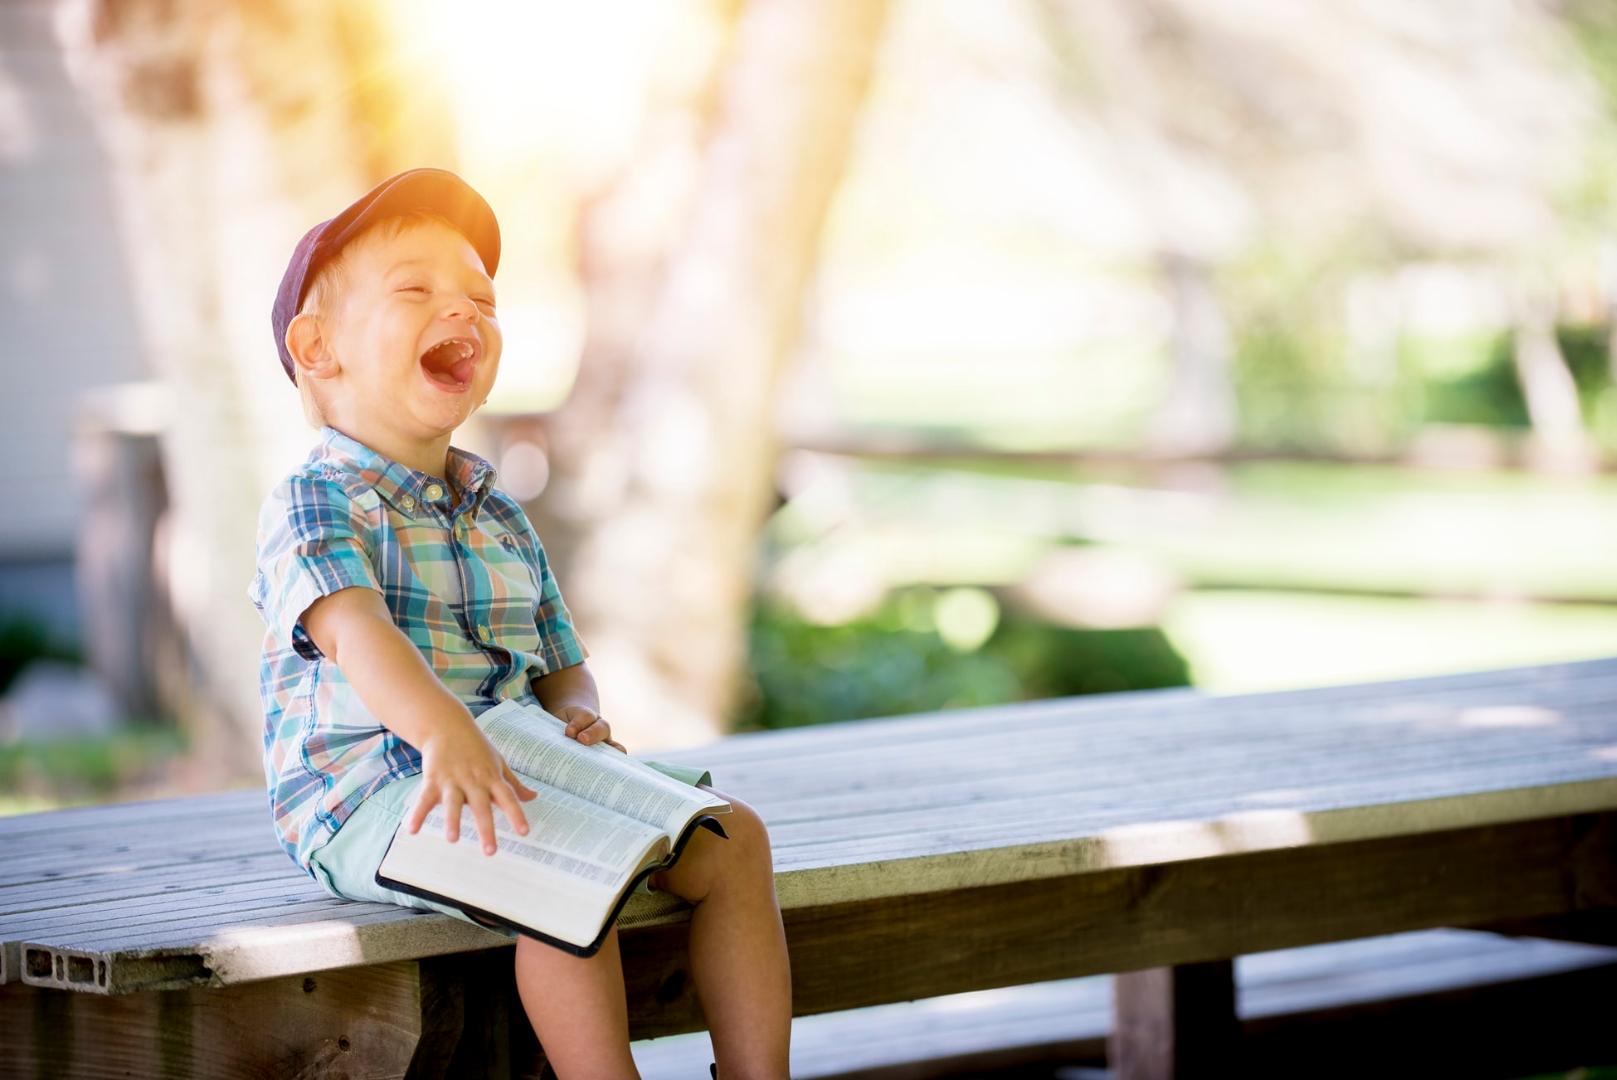 Anak Cerdas vs Anak Pintar, Apa Perbedaannya?